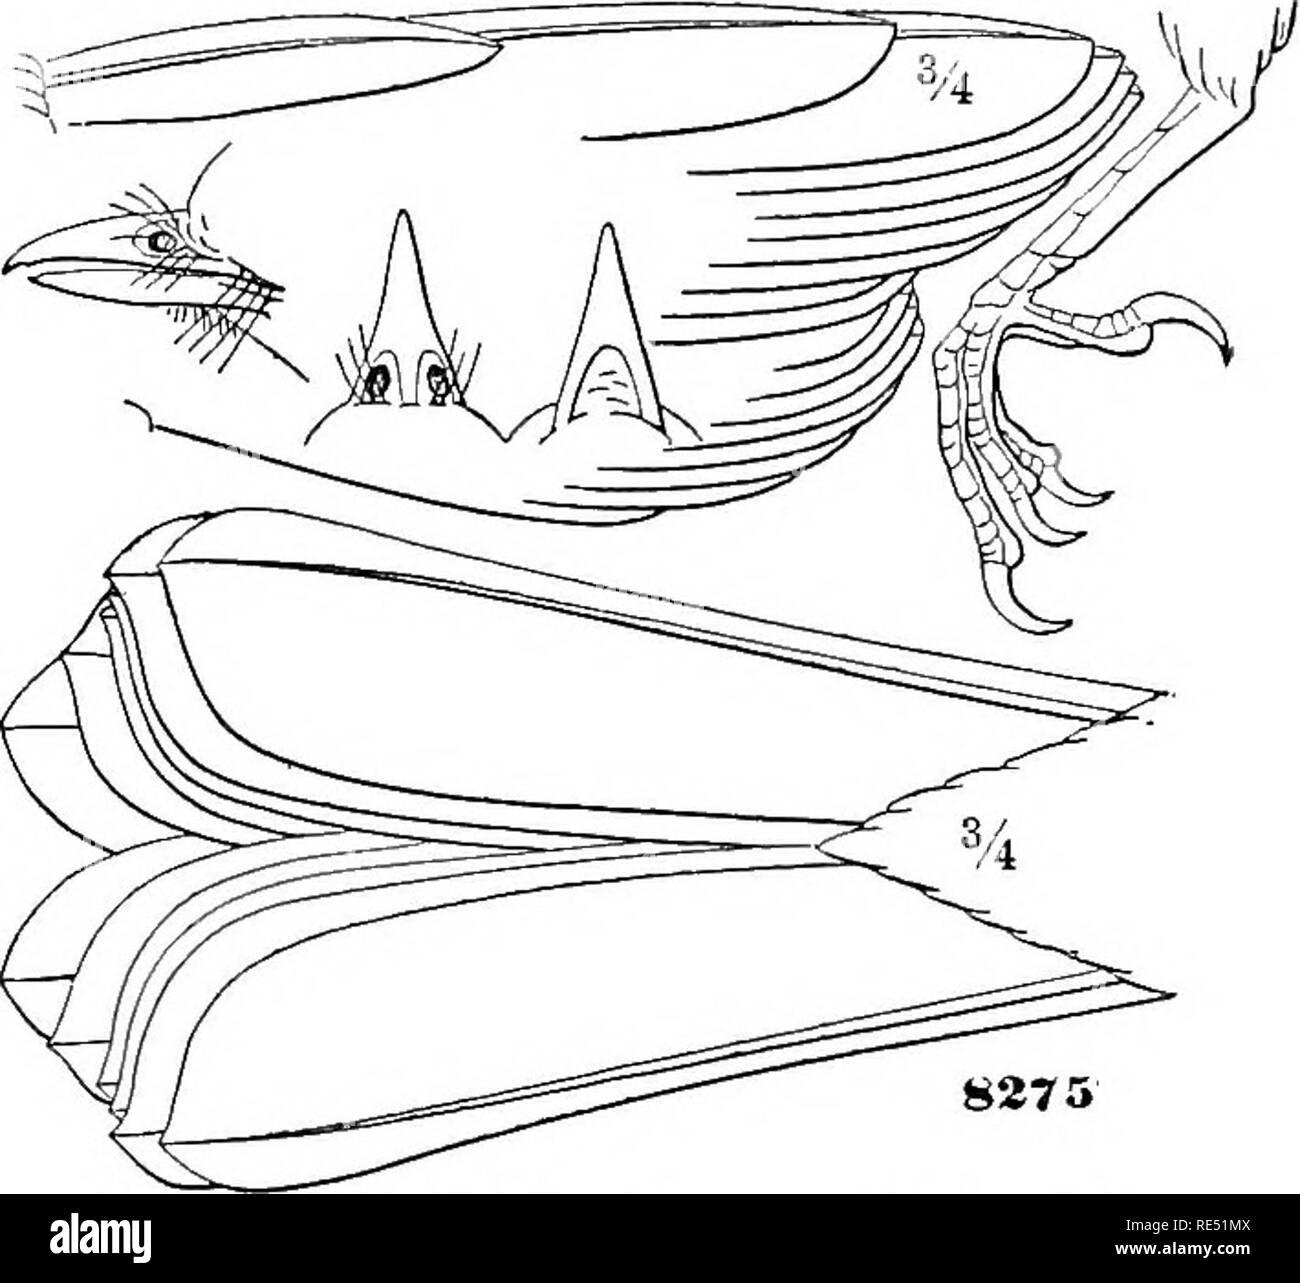 . Examen des oiseaux de l'Amérique dans le musée de la Smithsonian Institution: pt. 1 . Les oiseaux. PHjENOPEPLA. 415 La crête de cette espèce semble plus longue que dans civereus; la queue est très différemment dans les grands en forme de prolongation et aiguë de l'Europe centrale vers le bas (près de la moitié de plus que le latéral), et l'obtention du diplôme du reste, au lieu d'être près de même. Ces plumes, aussi, sont plus étroites. L'Épic apparaissent plutôt moins atténué. La principale différence en couleur consiste dans le jaune- ish-grecn de la tête et du cou, soulagée que par le gris de haut de la tête; le Photo Stock